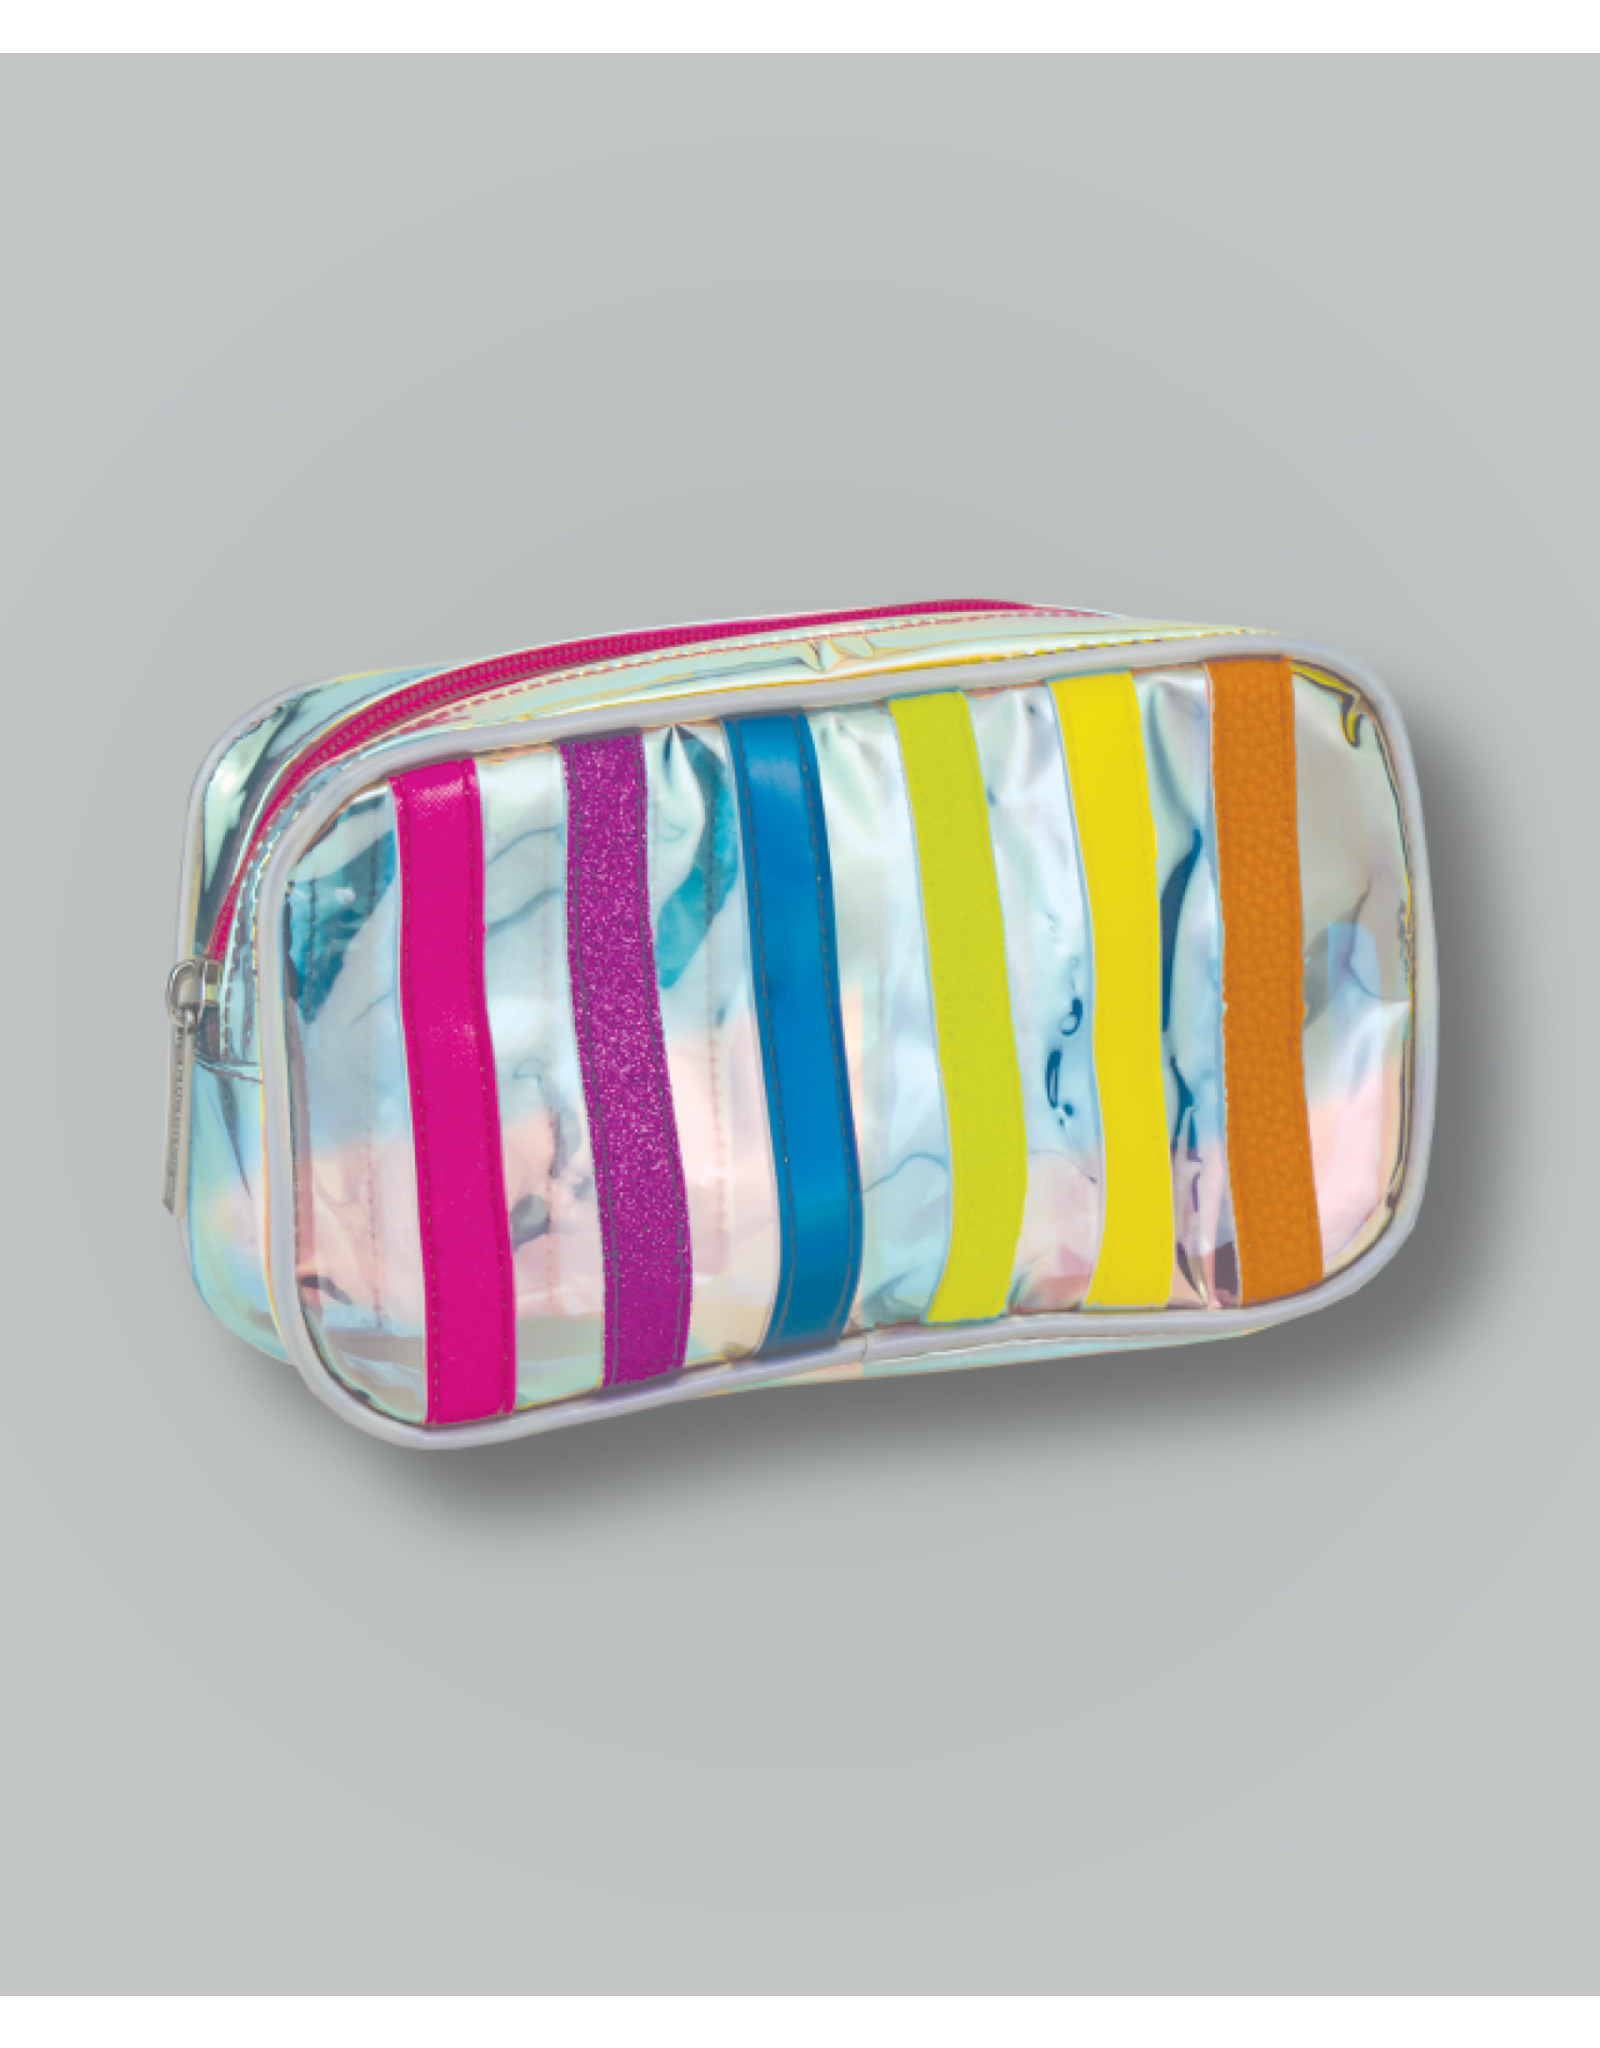 Iscream Cosmetic Bag, Iridescent Stripe